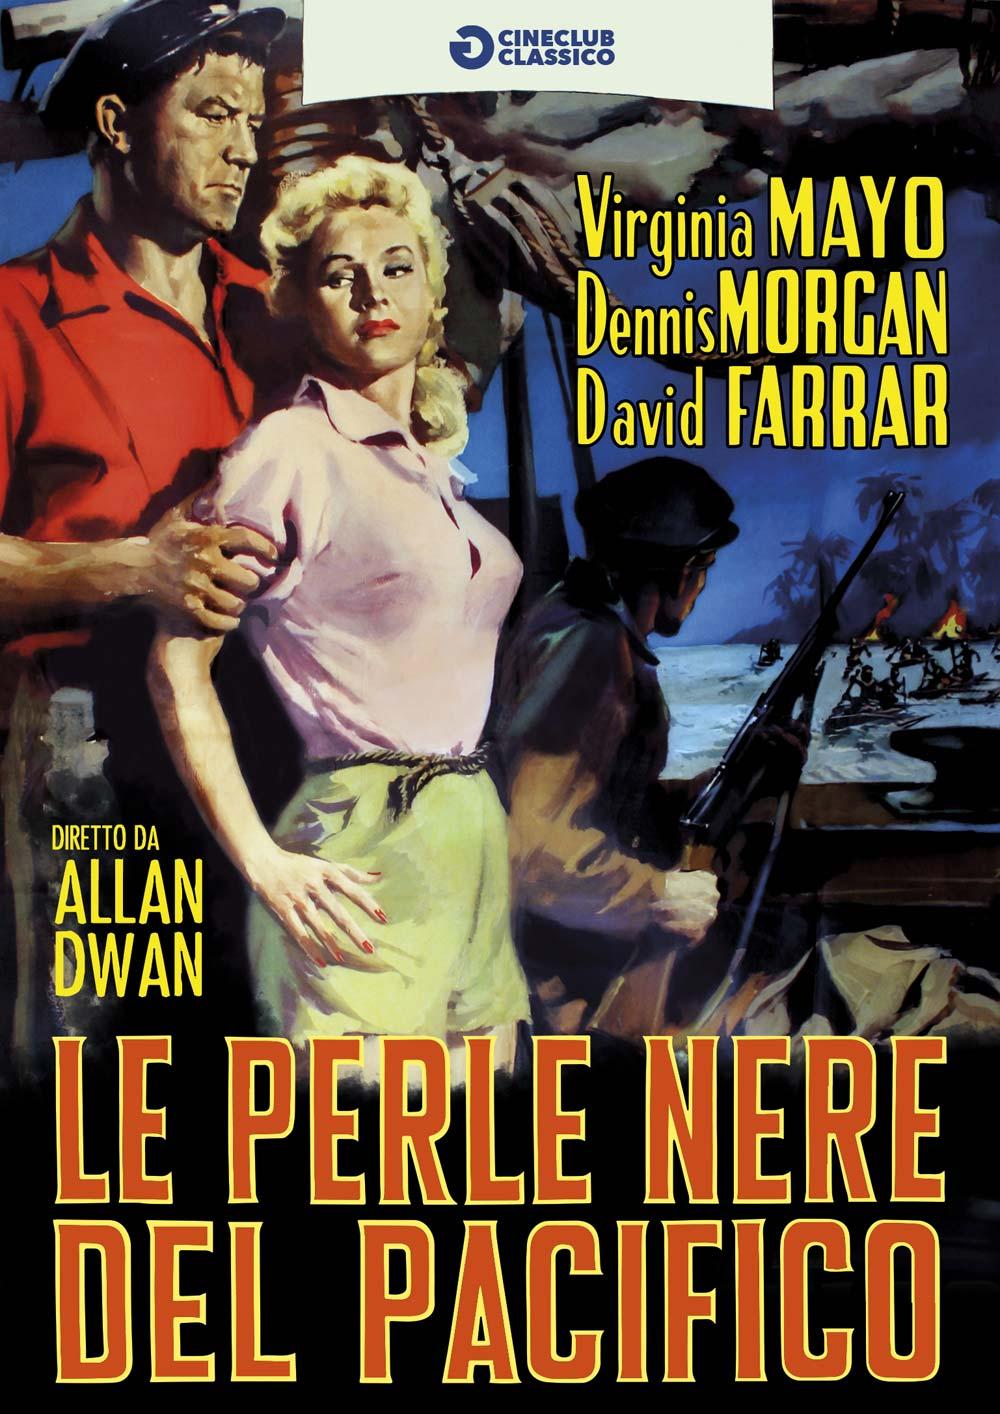 LE PERLE NERE DEL PACIFICO (DVD)